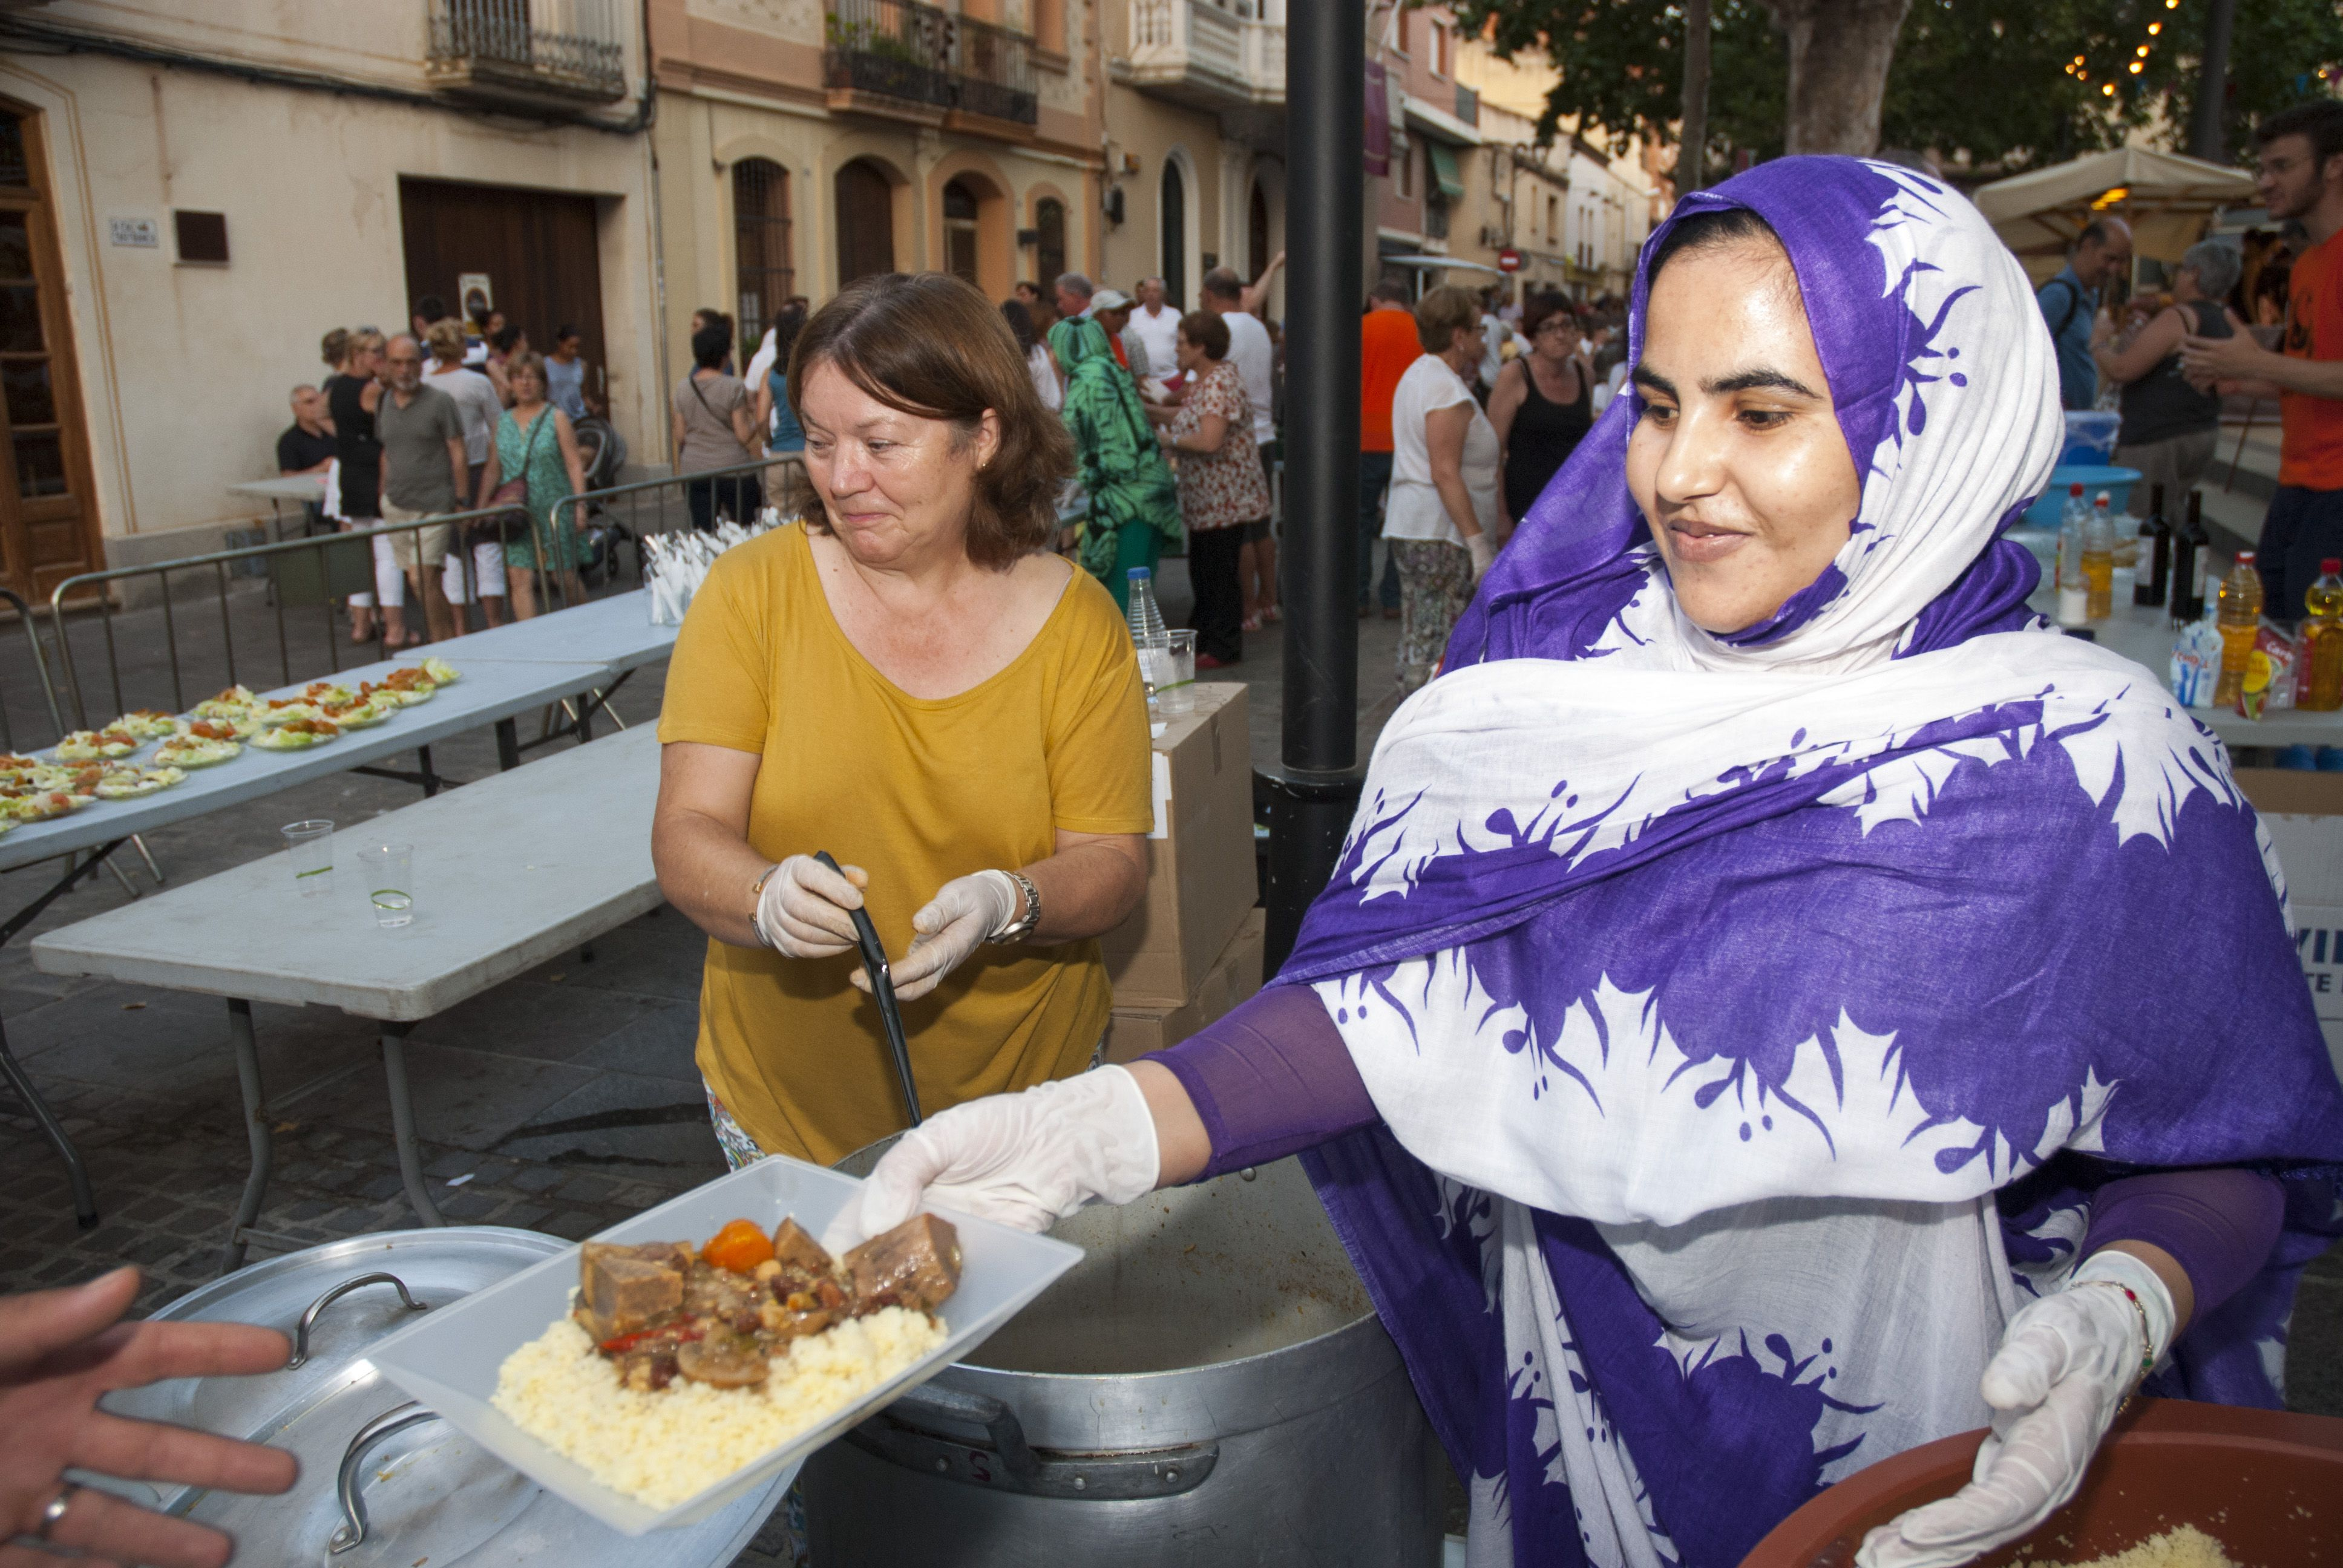 Cuscús solidàri a la Plaça Barcelona. FOTOS: Aïda Sotelo